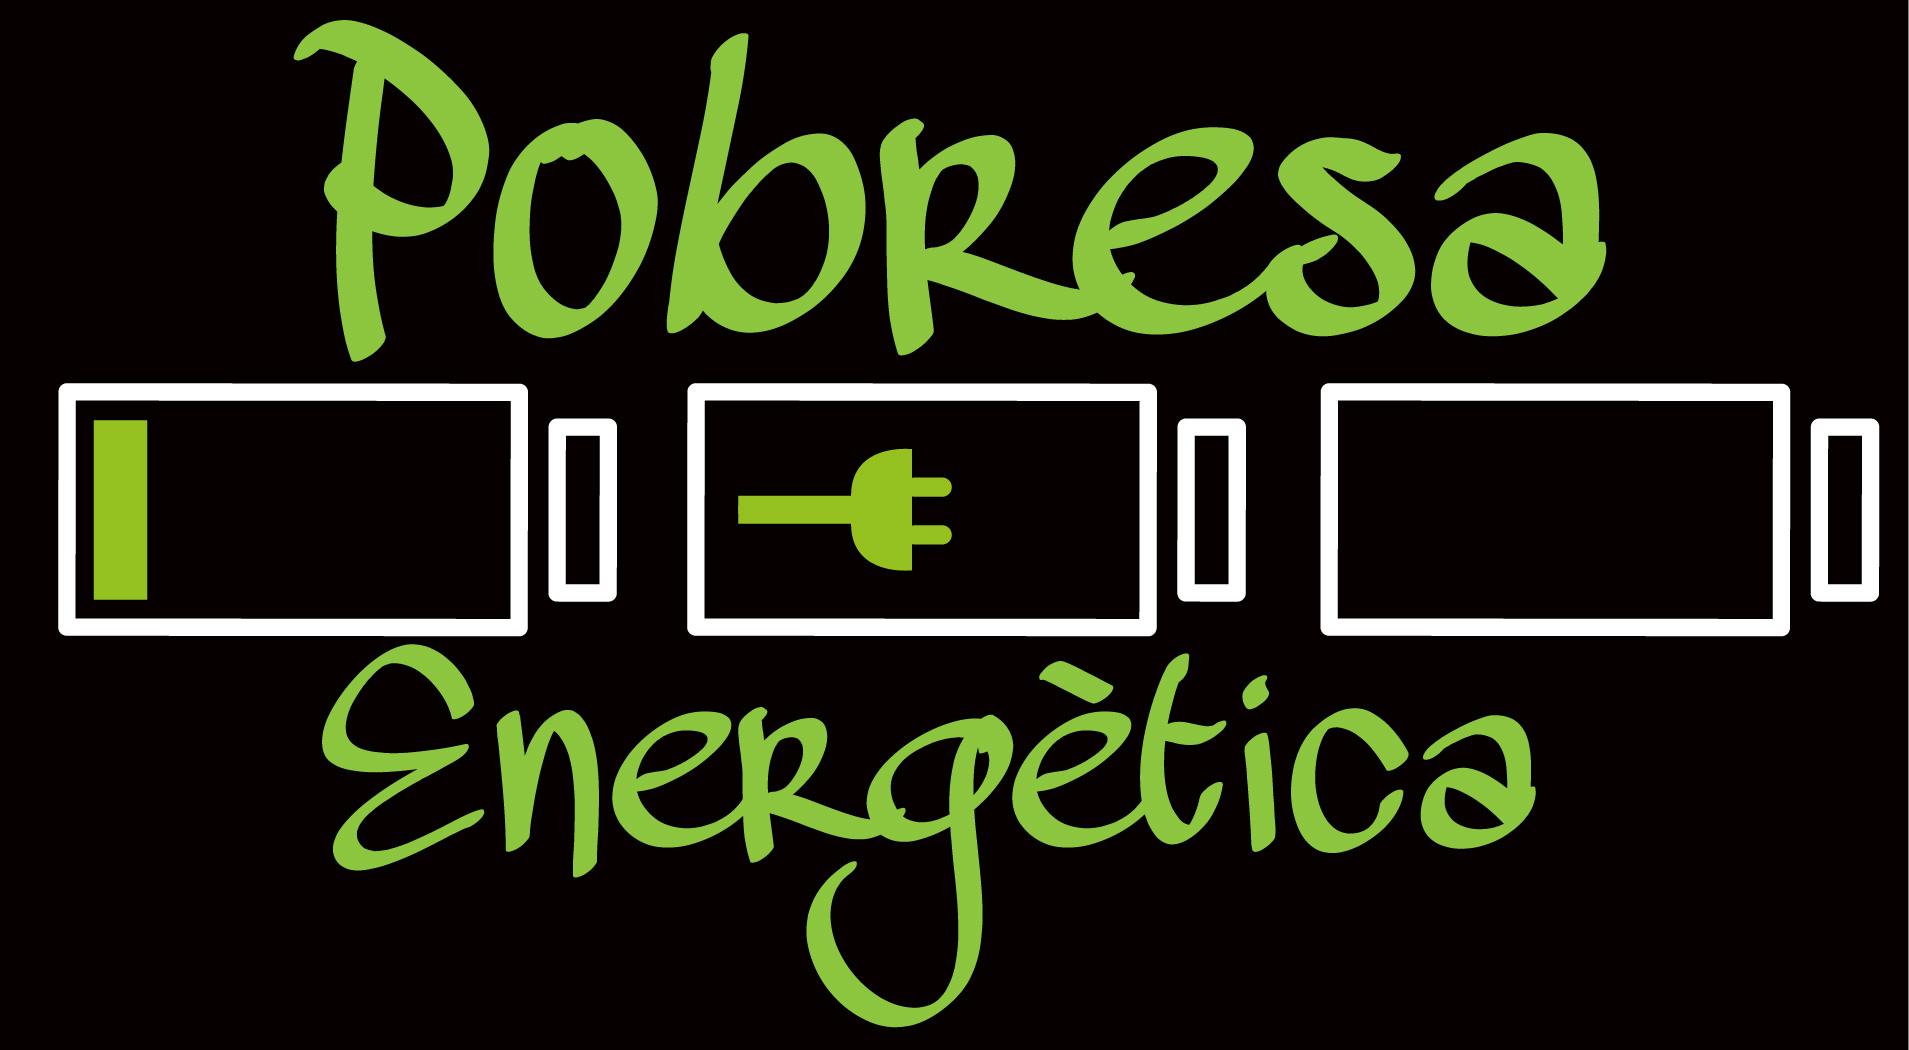 Al·legoria pobresa energètica